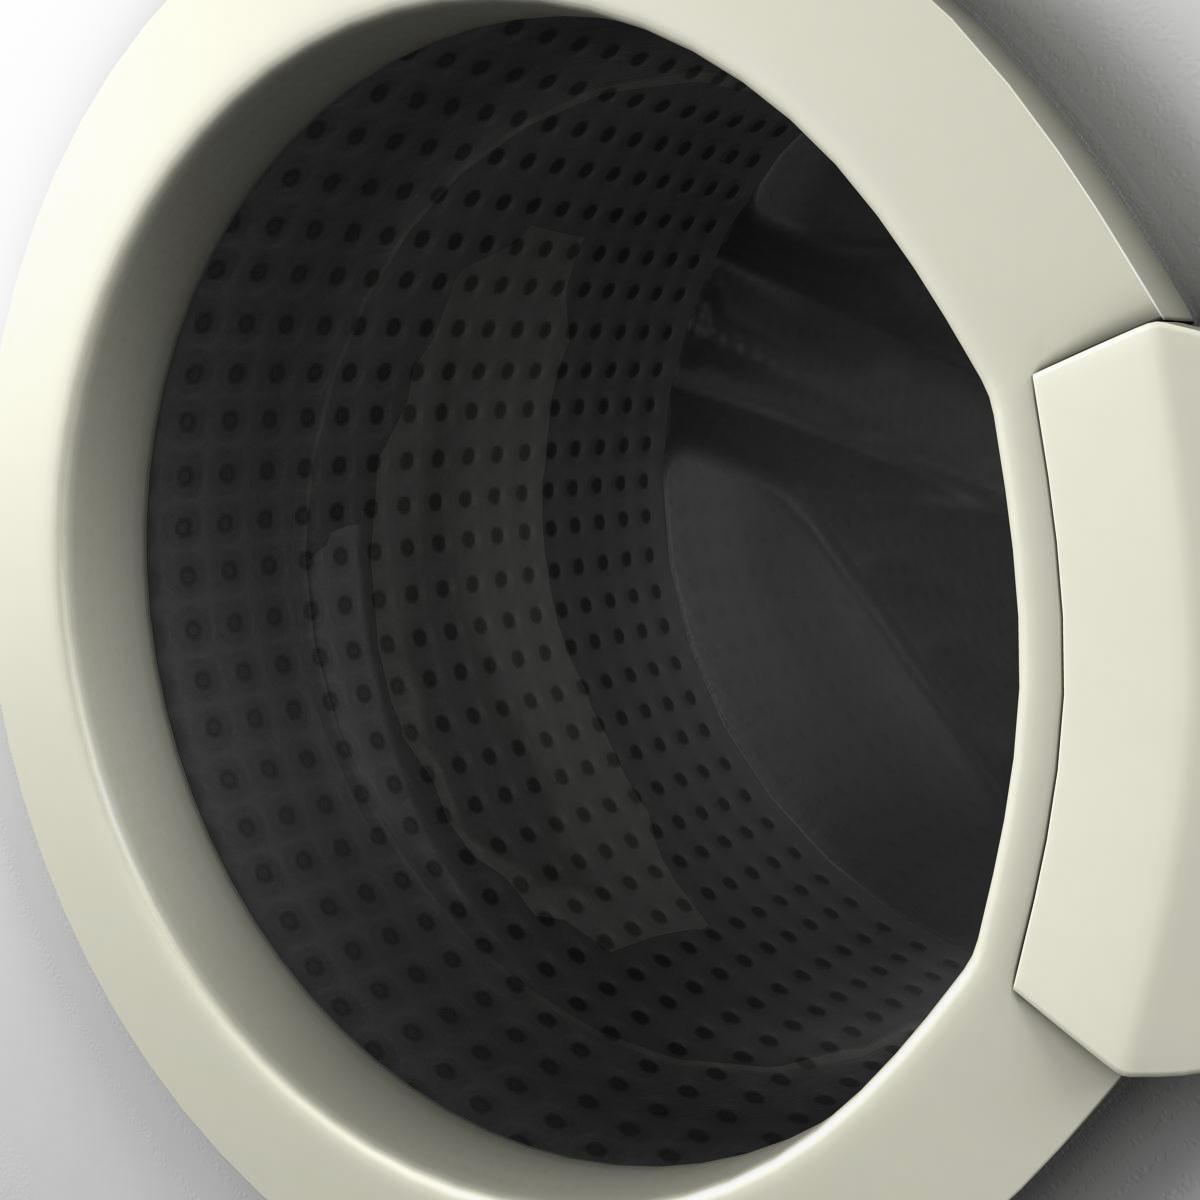 washermachine 3d model 3ds max fbx ma mb obj 158870